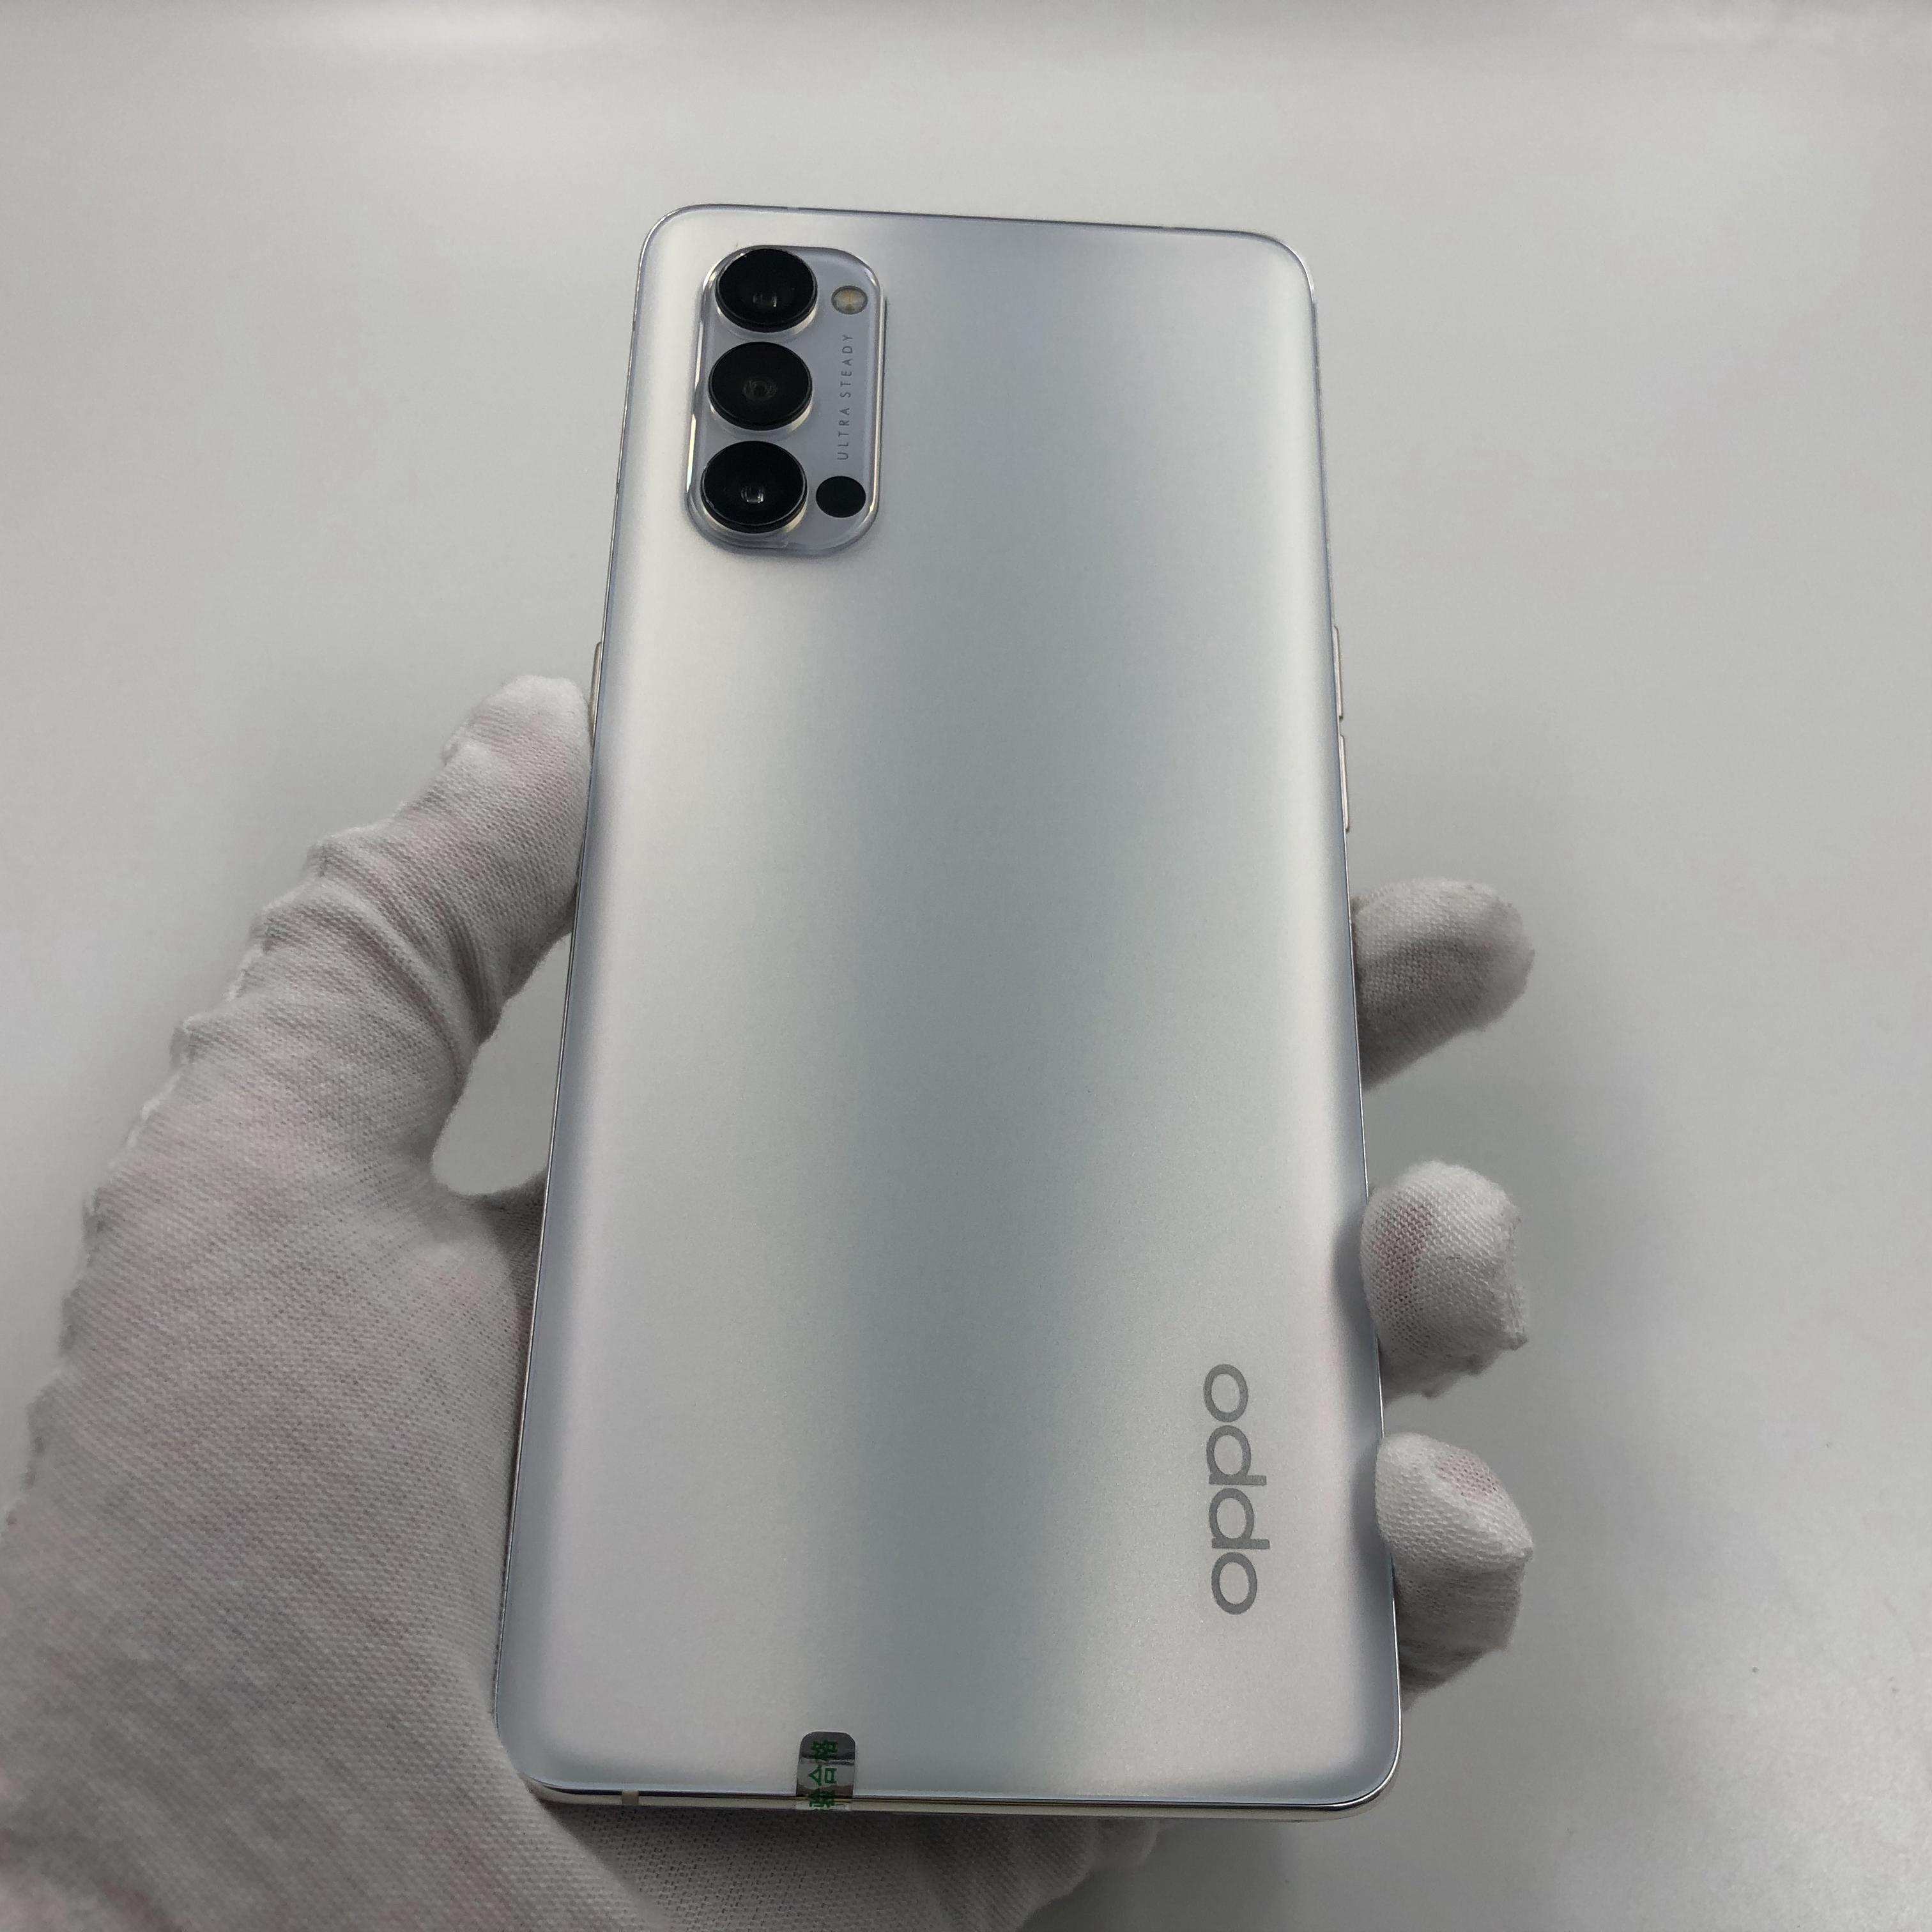 oppo【Reno4 Pro 5G】5G全网通 钛空白 12G/256G 国行 8成新 真机实拍